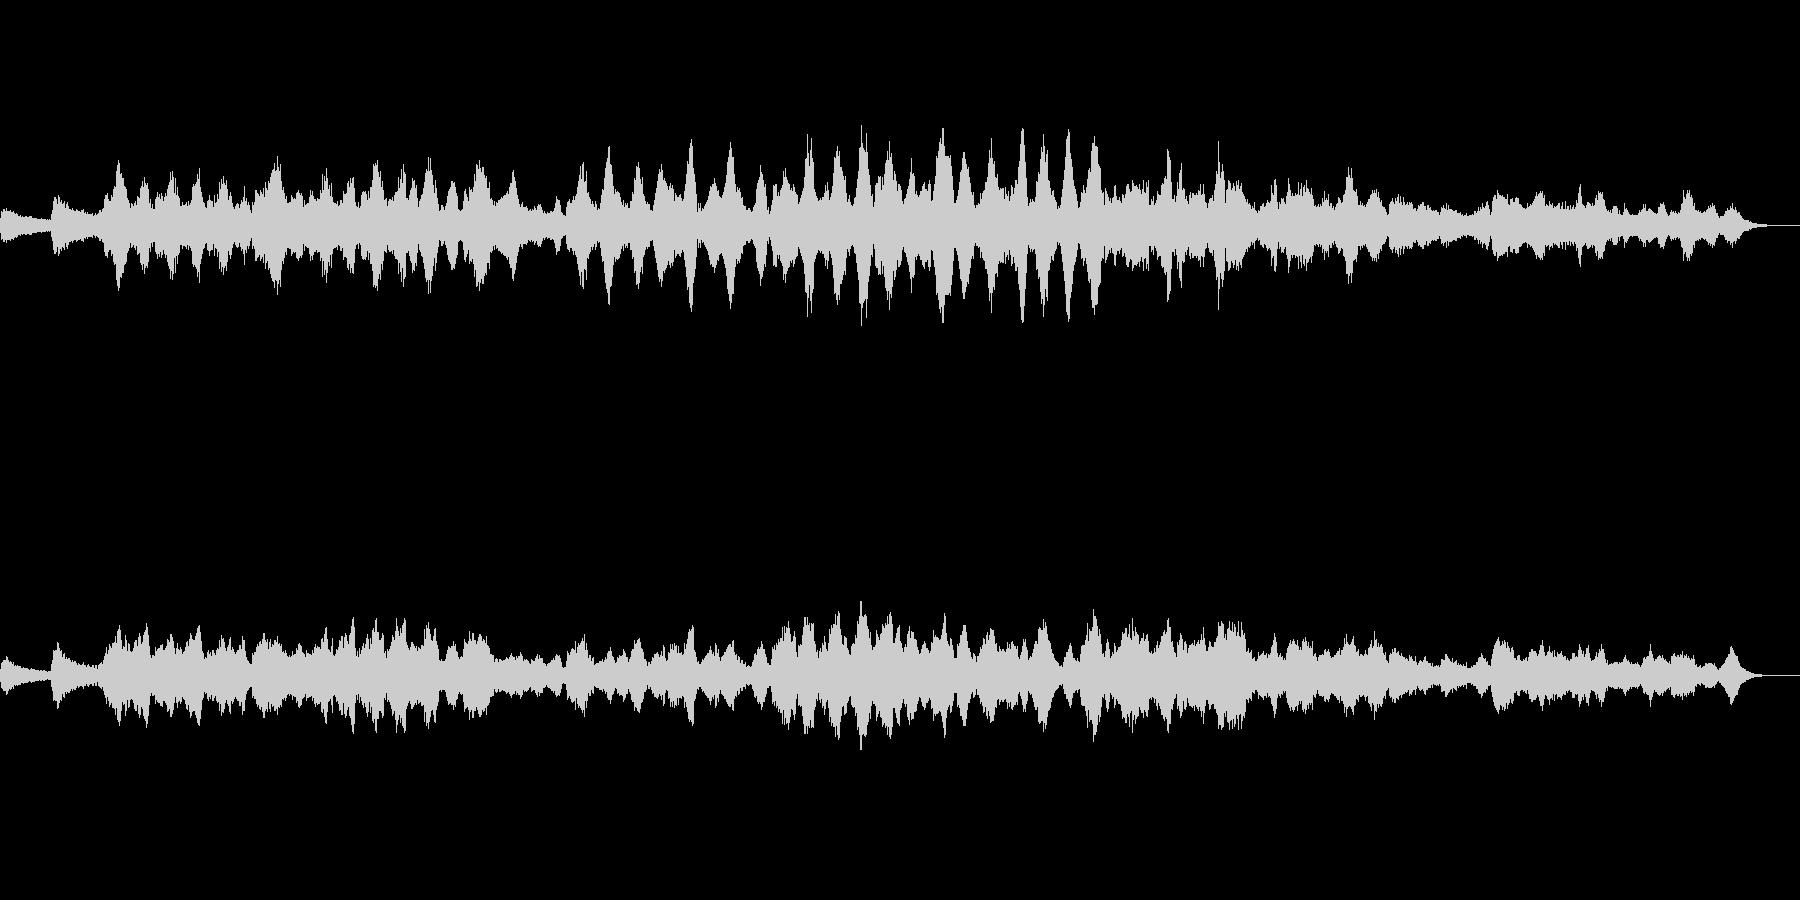 悲しく絶望的なクラシック系・ニューエイ…の未再生の波形